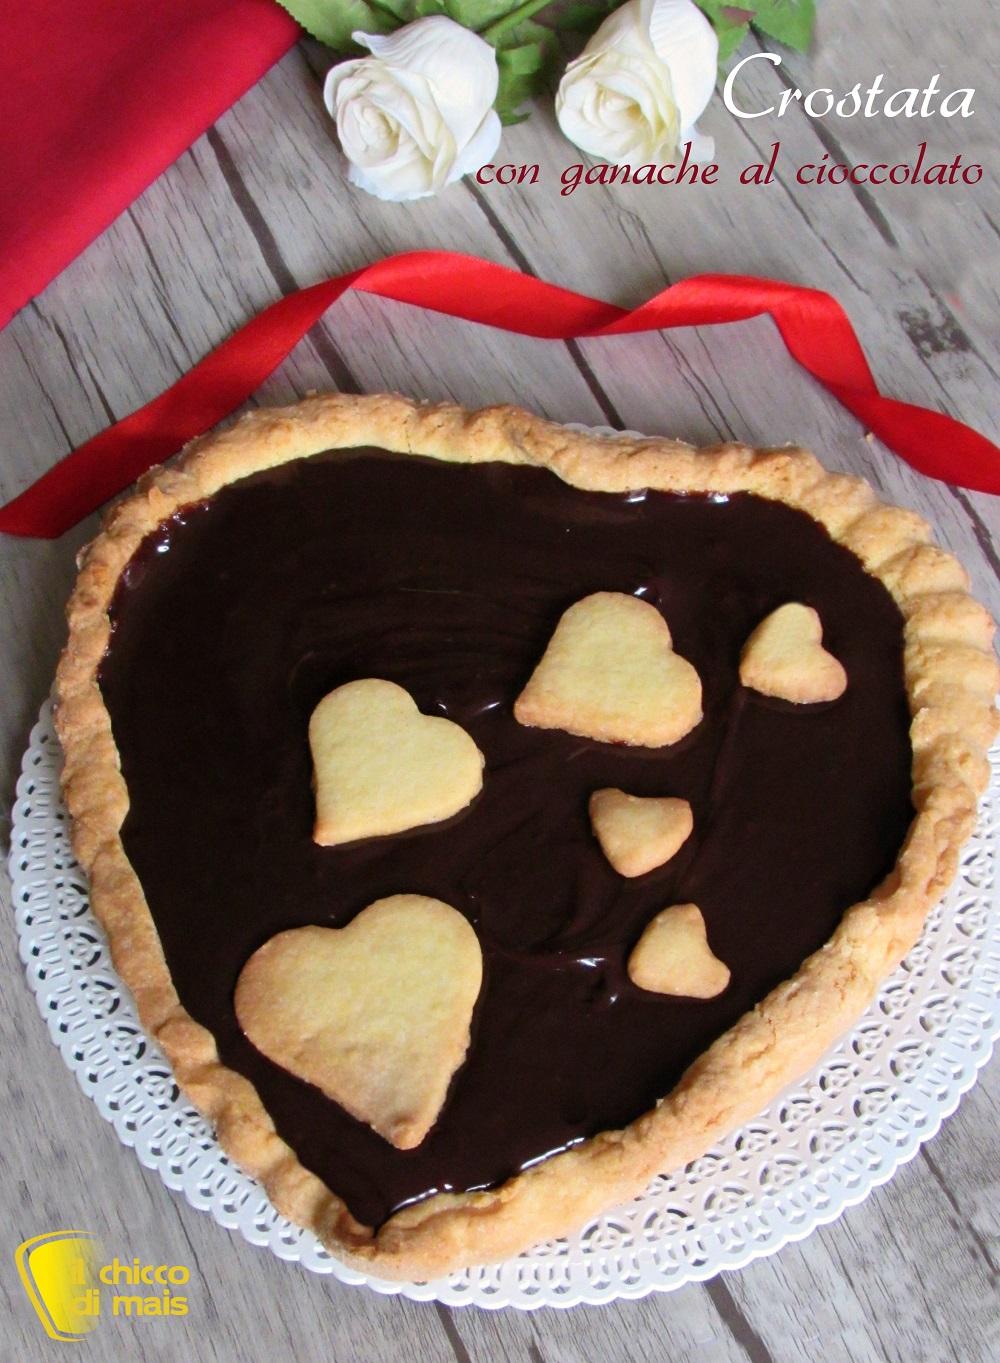 verticale crostata con ganache al cioccolato ricetta dolce a cuore per san valentino il chicco di mais